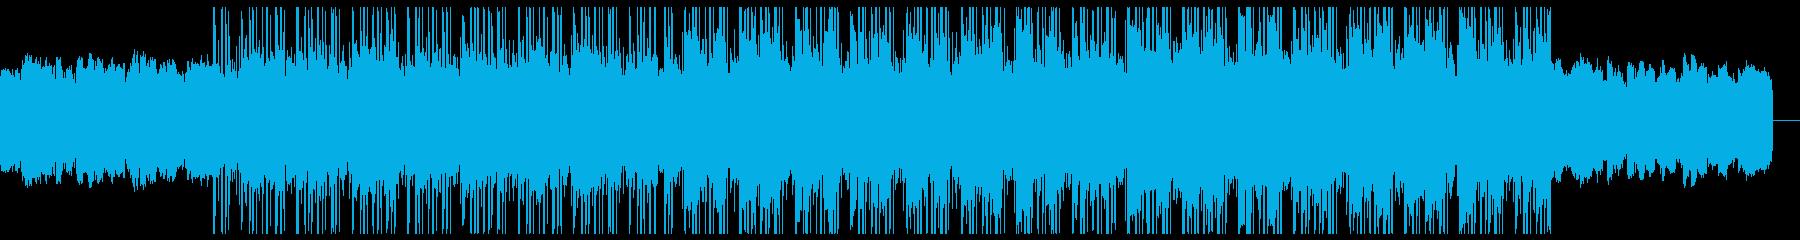 映画のエンディングのようなチルポップ♪の再生済みの波形